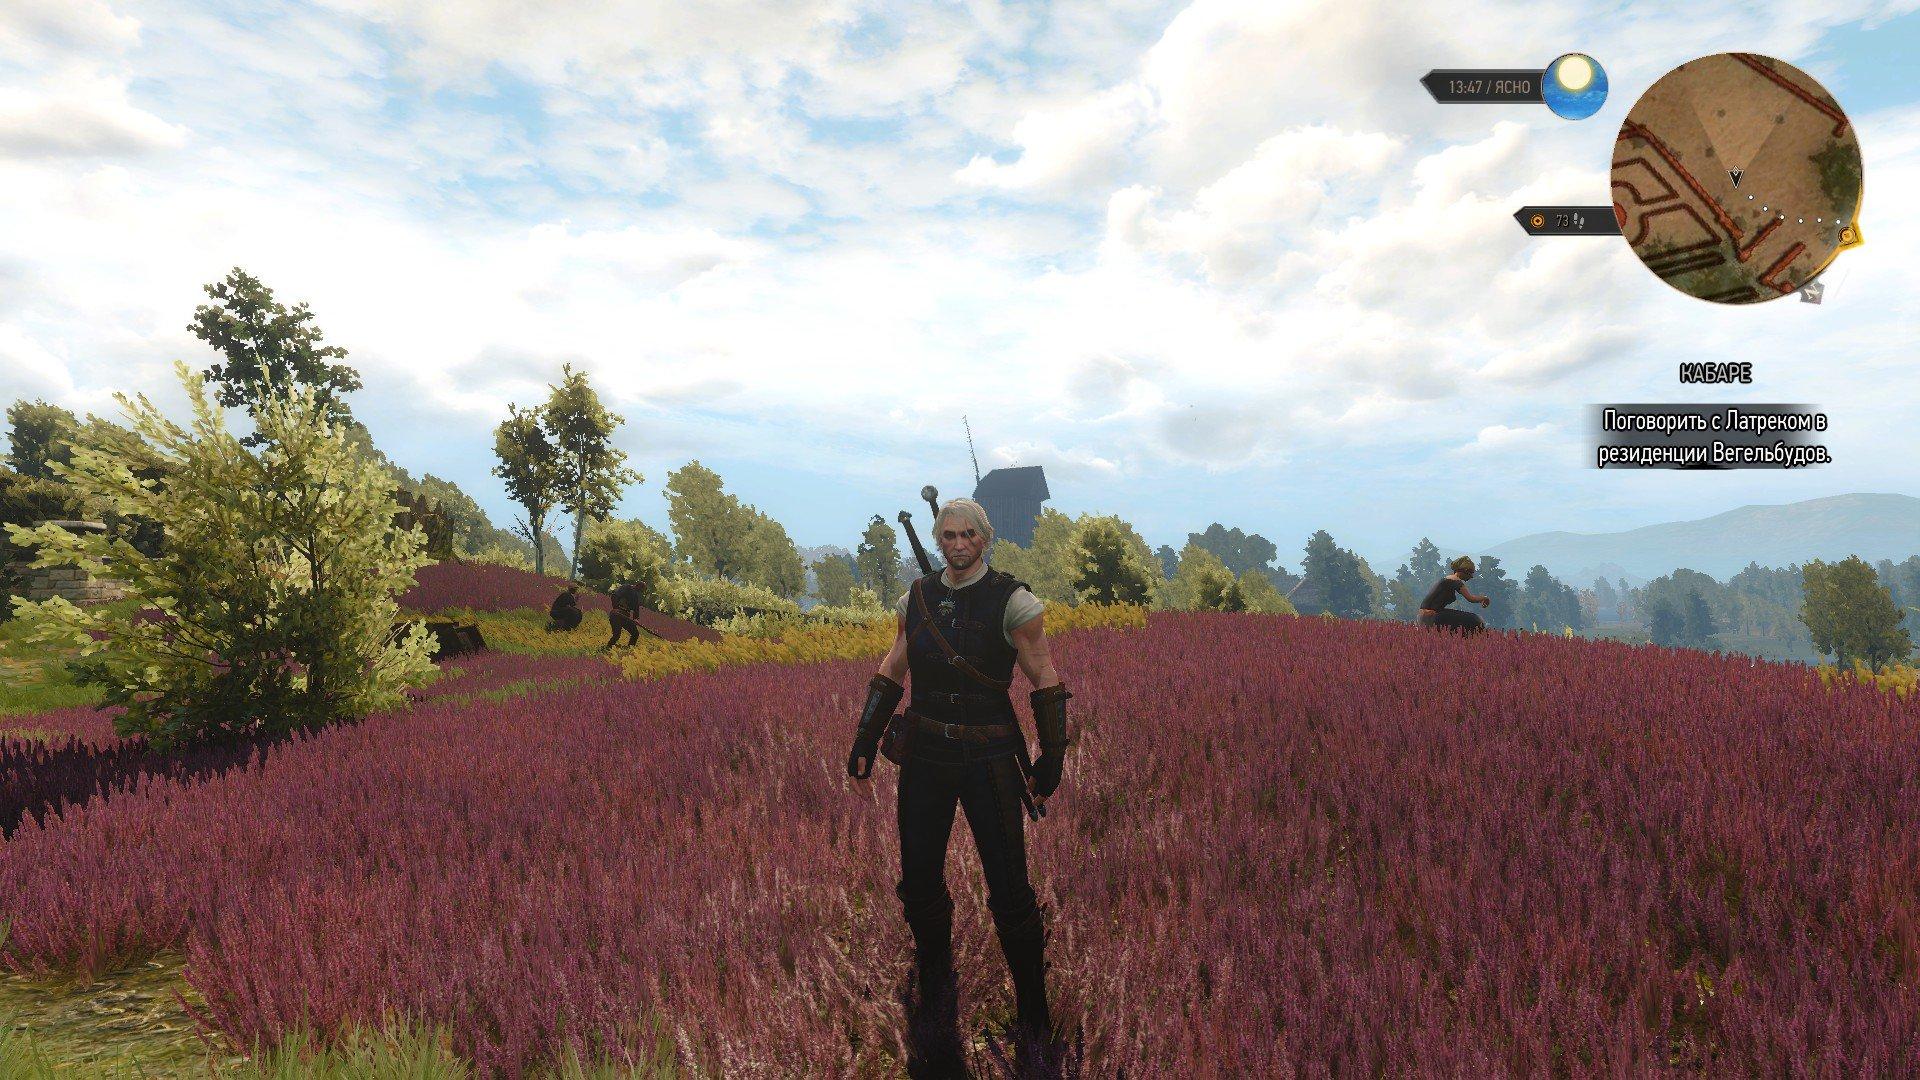 The Witcher 3: Wild Hunt. Список изменений патча 1.10. Часть 2.   Стабильность:   - Исправлены проблемы сбоя на аппа .... - Изображение 2